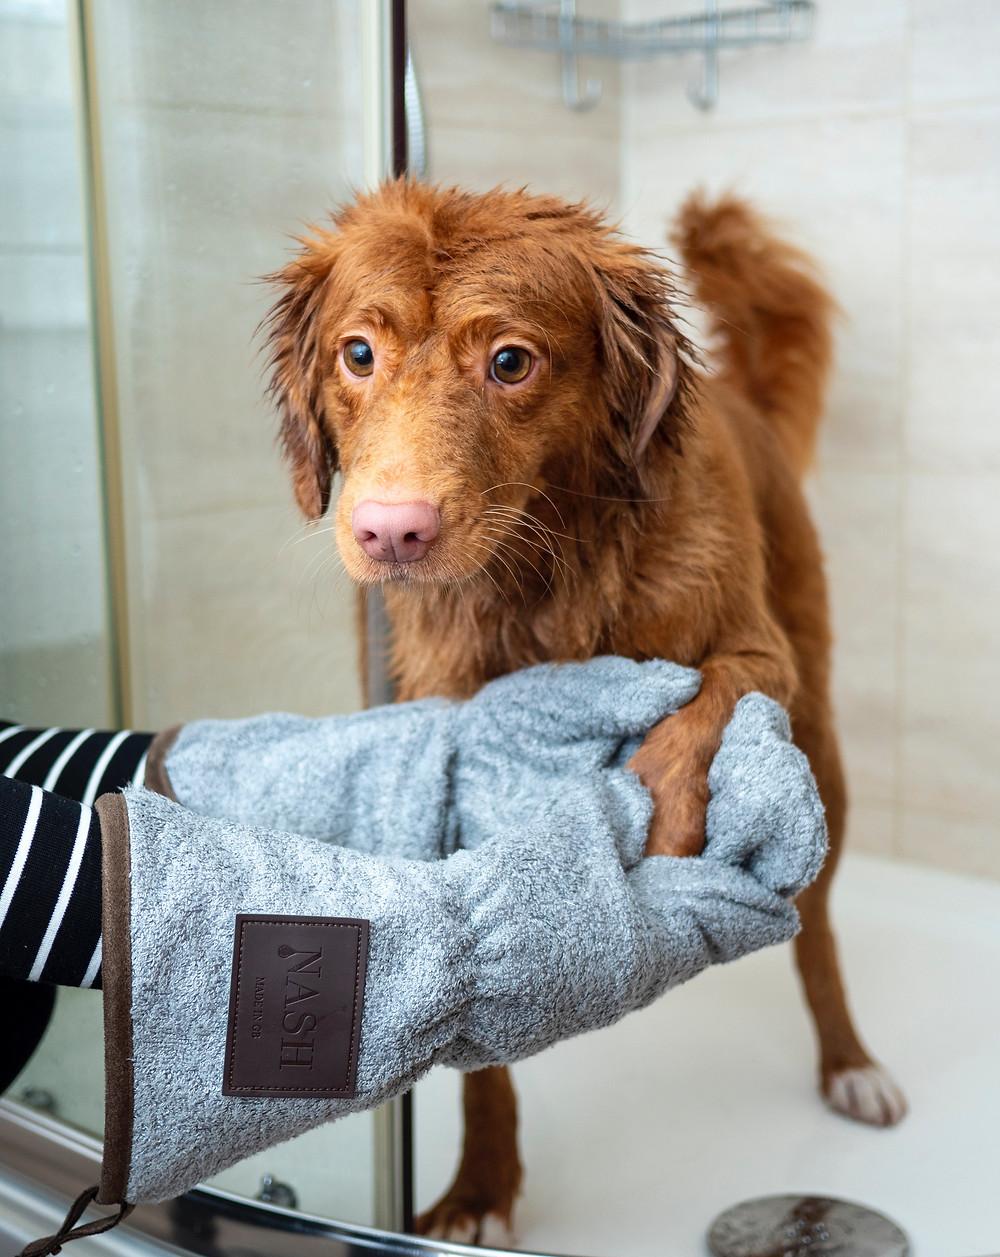 koira pesu kylpyhuone